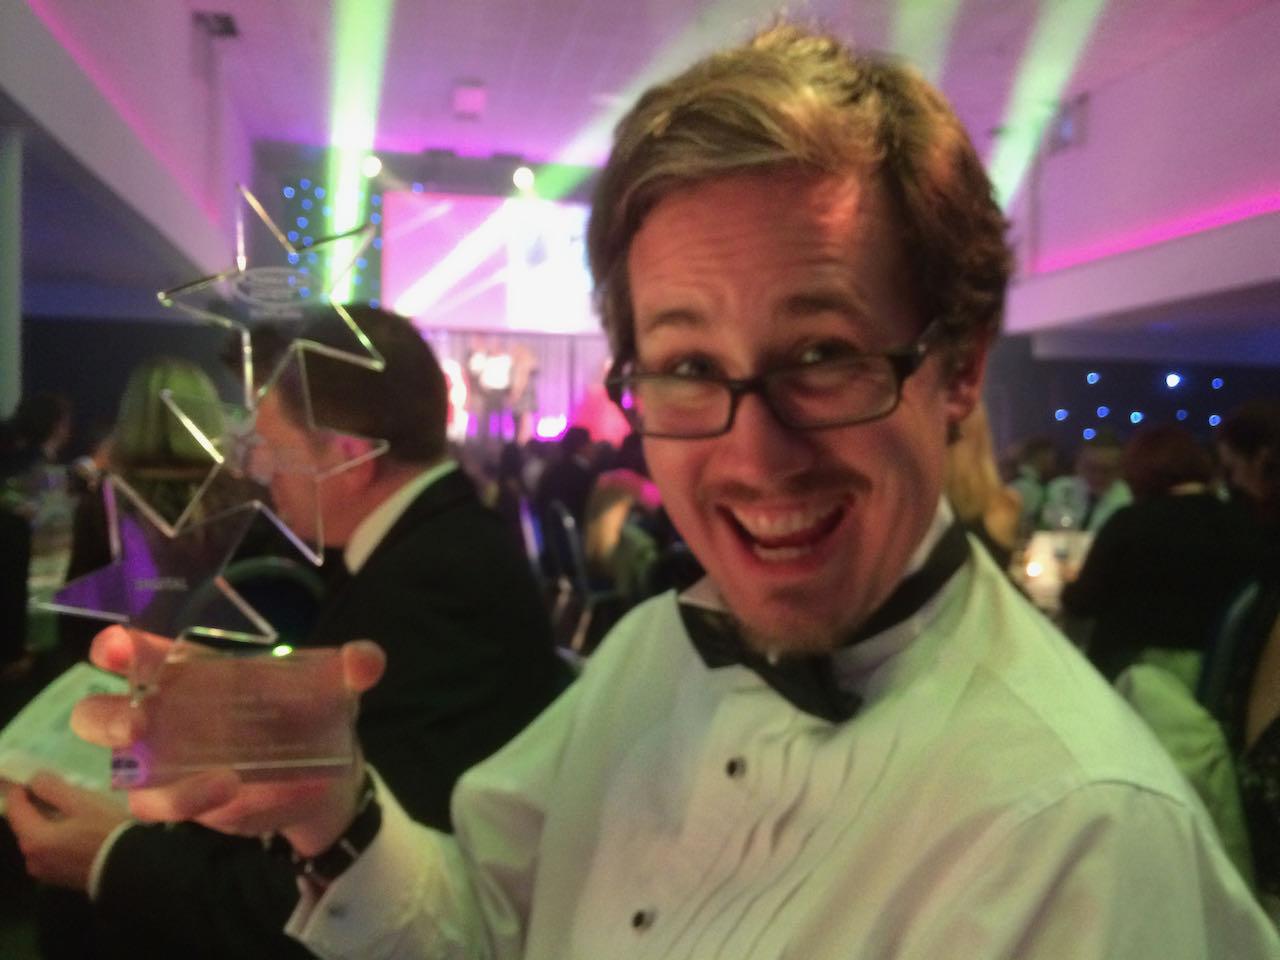 Espen with an award